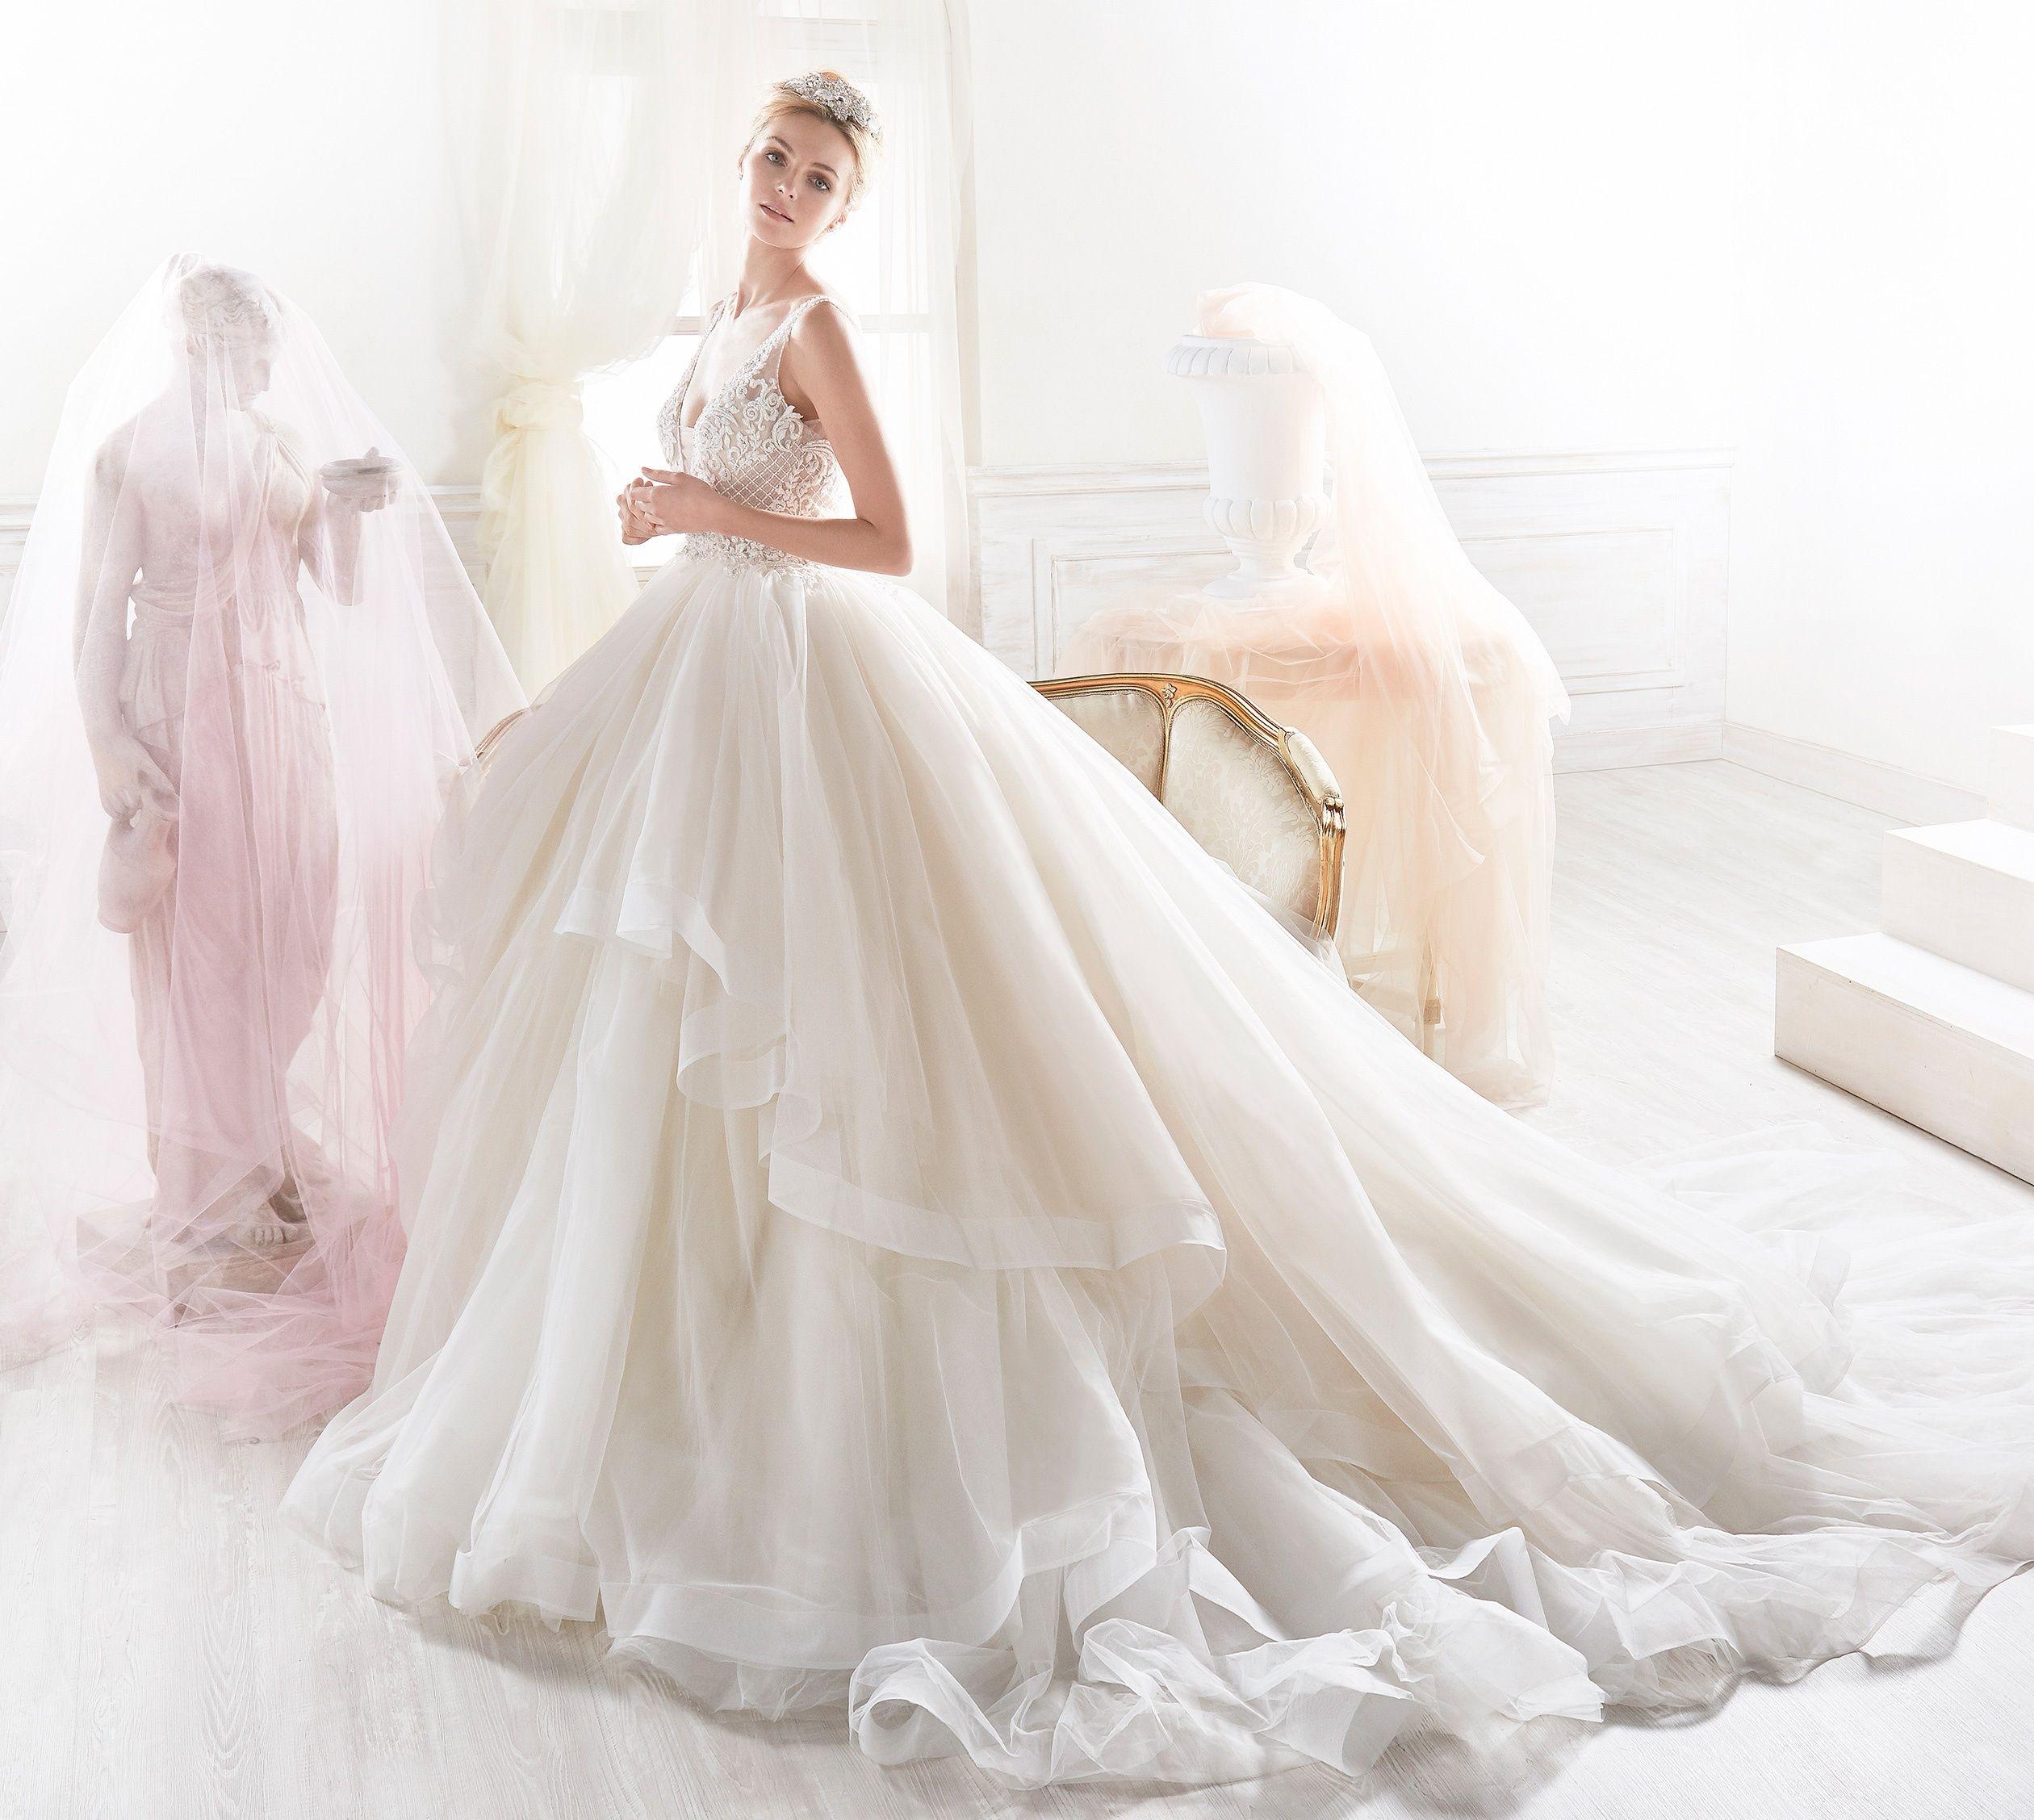 Moda sposa 2018 - Collezione NICOLE. NIAB18114. Abito da sposa ...